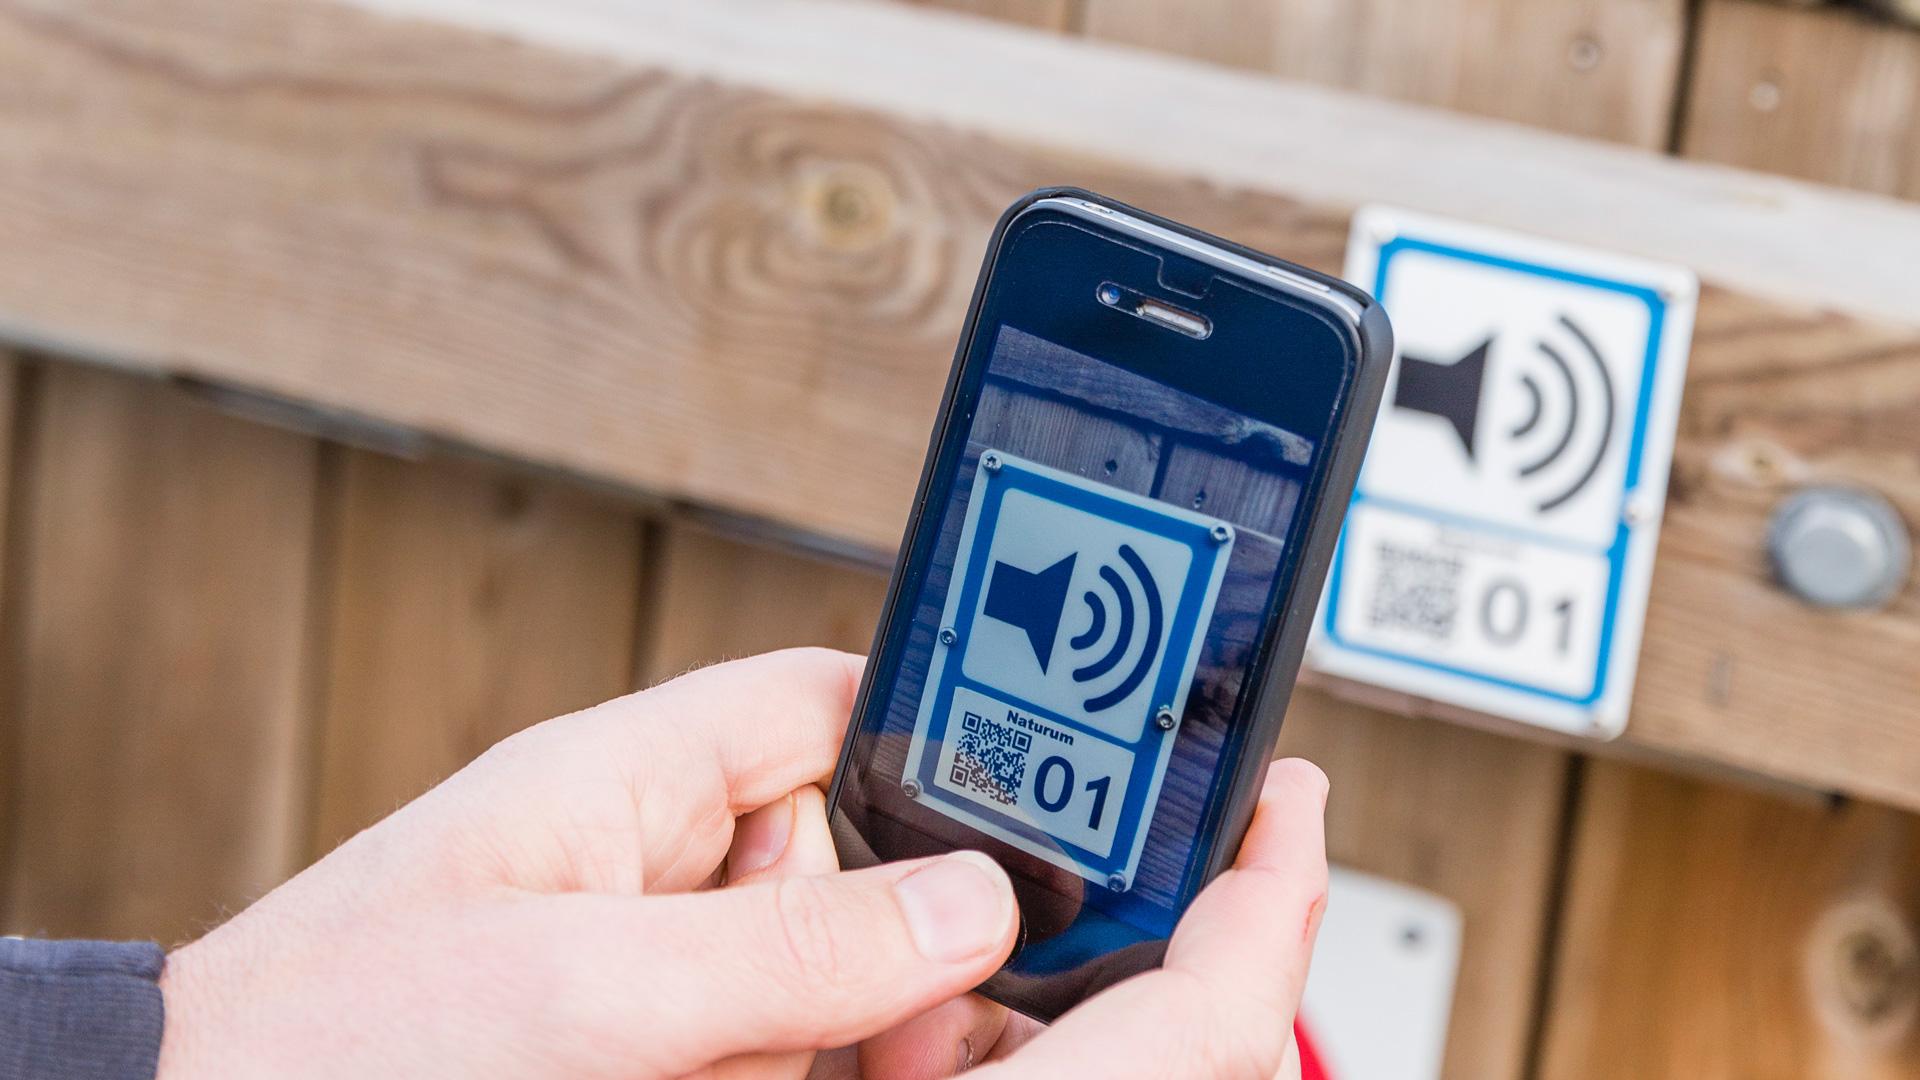 Lyssna på ljudguider med din mobil och qr-koder. Foto: Svelo